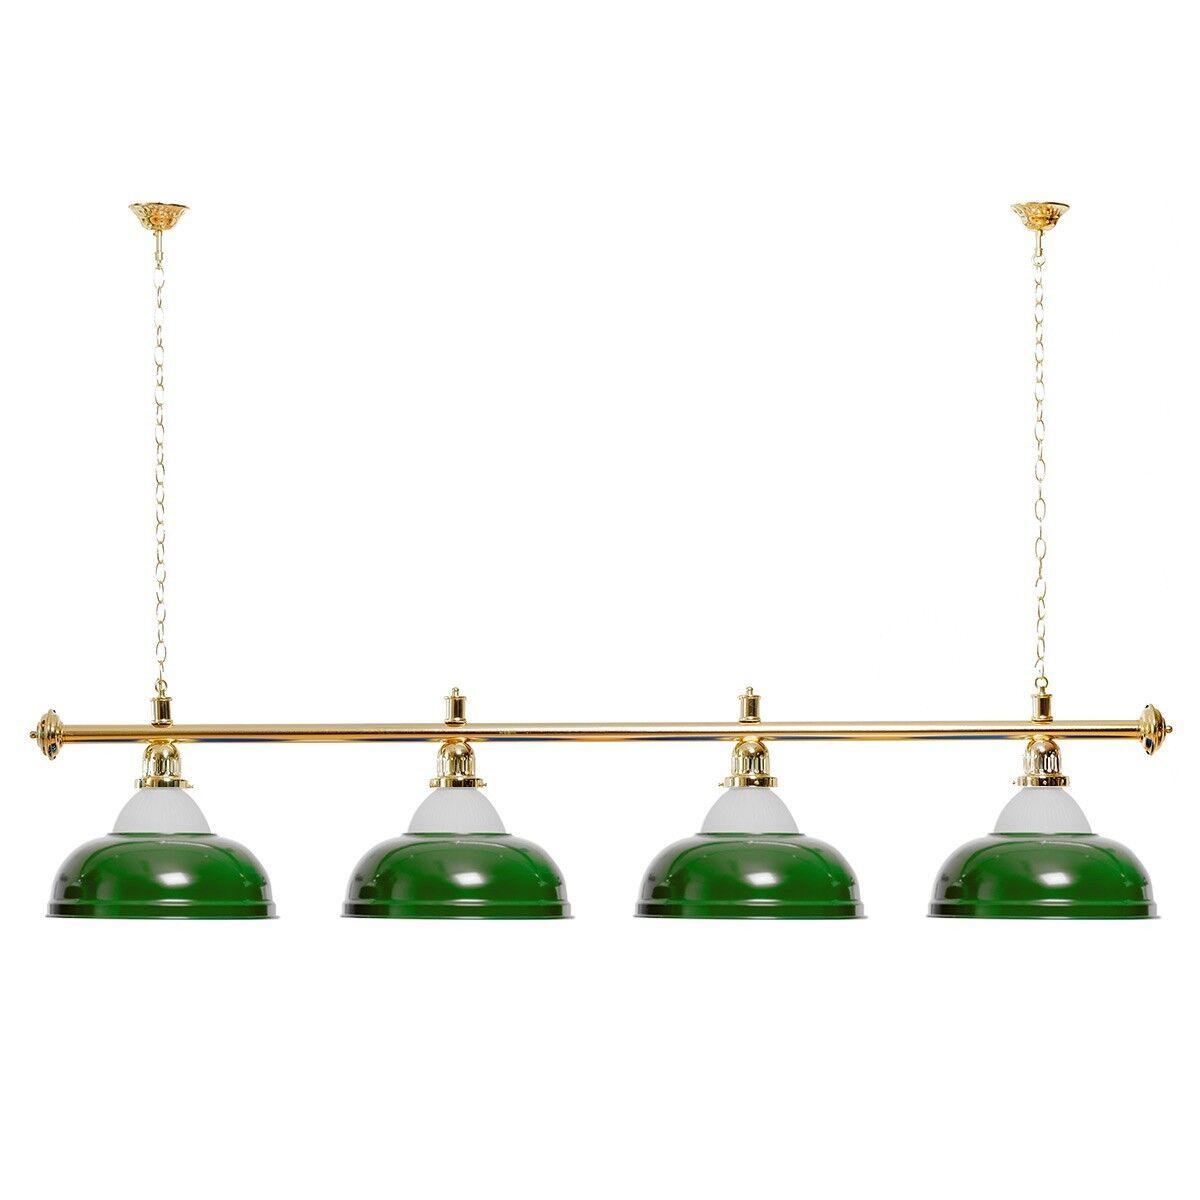 Billardlampe 4 Schirme grün mit Glas Glas Glas   Goldfarbene Halterung 5e66d9